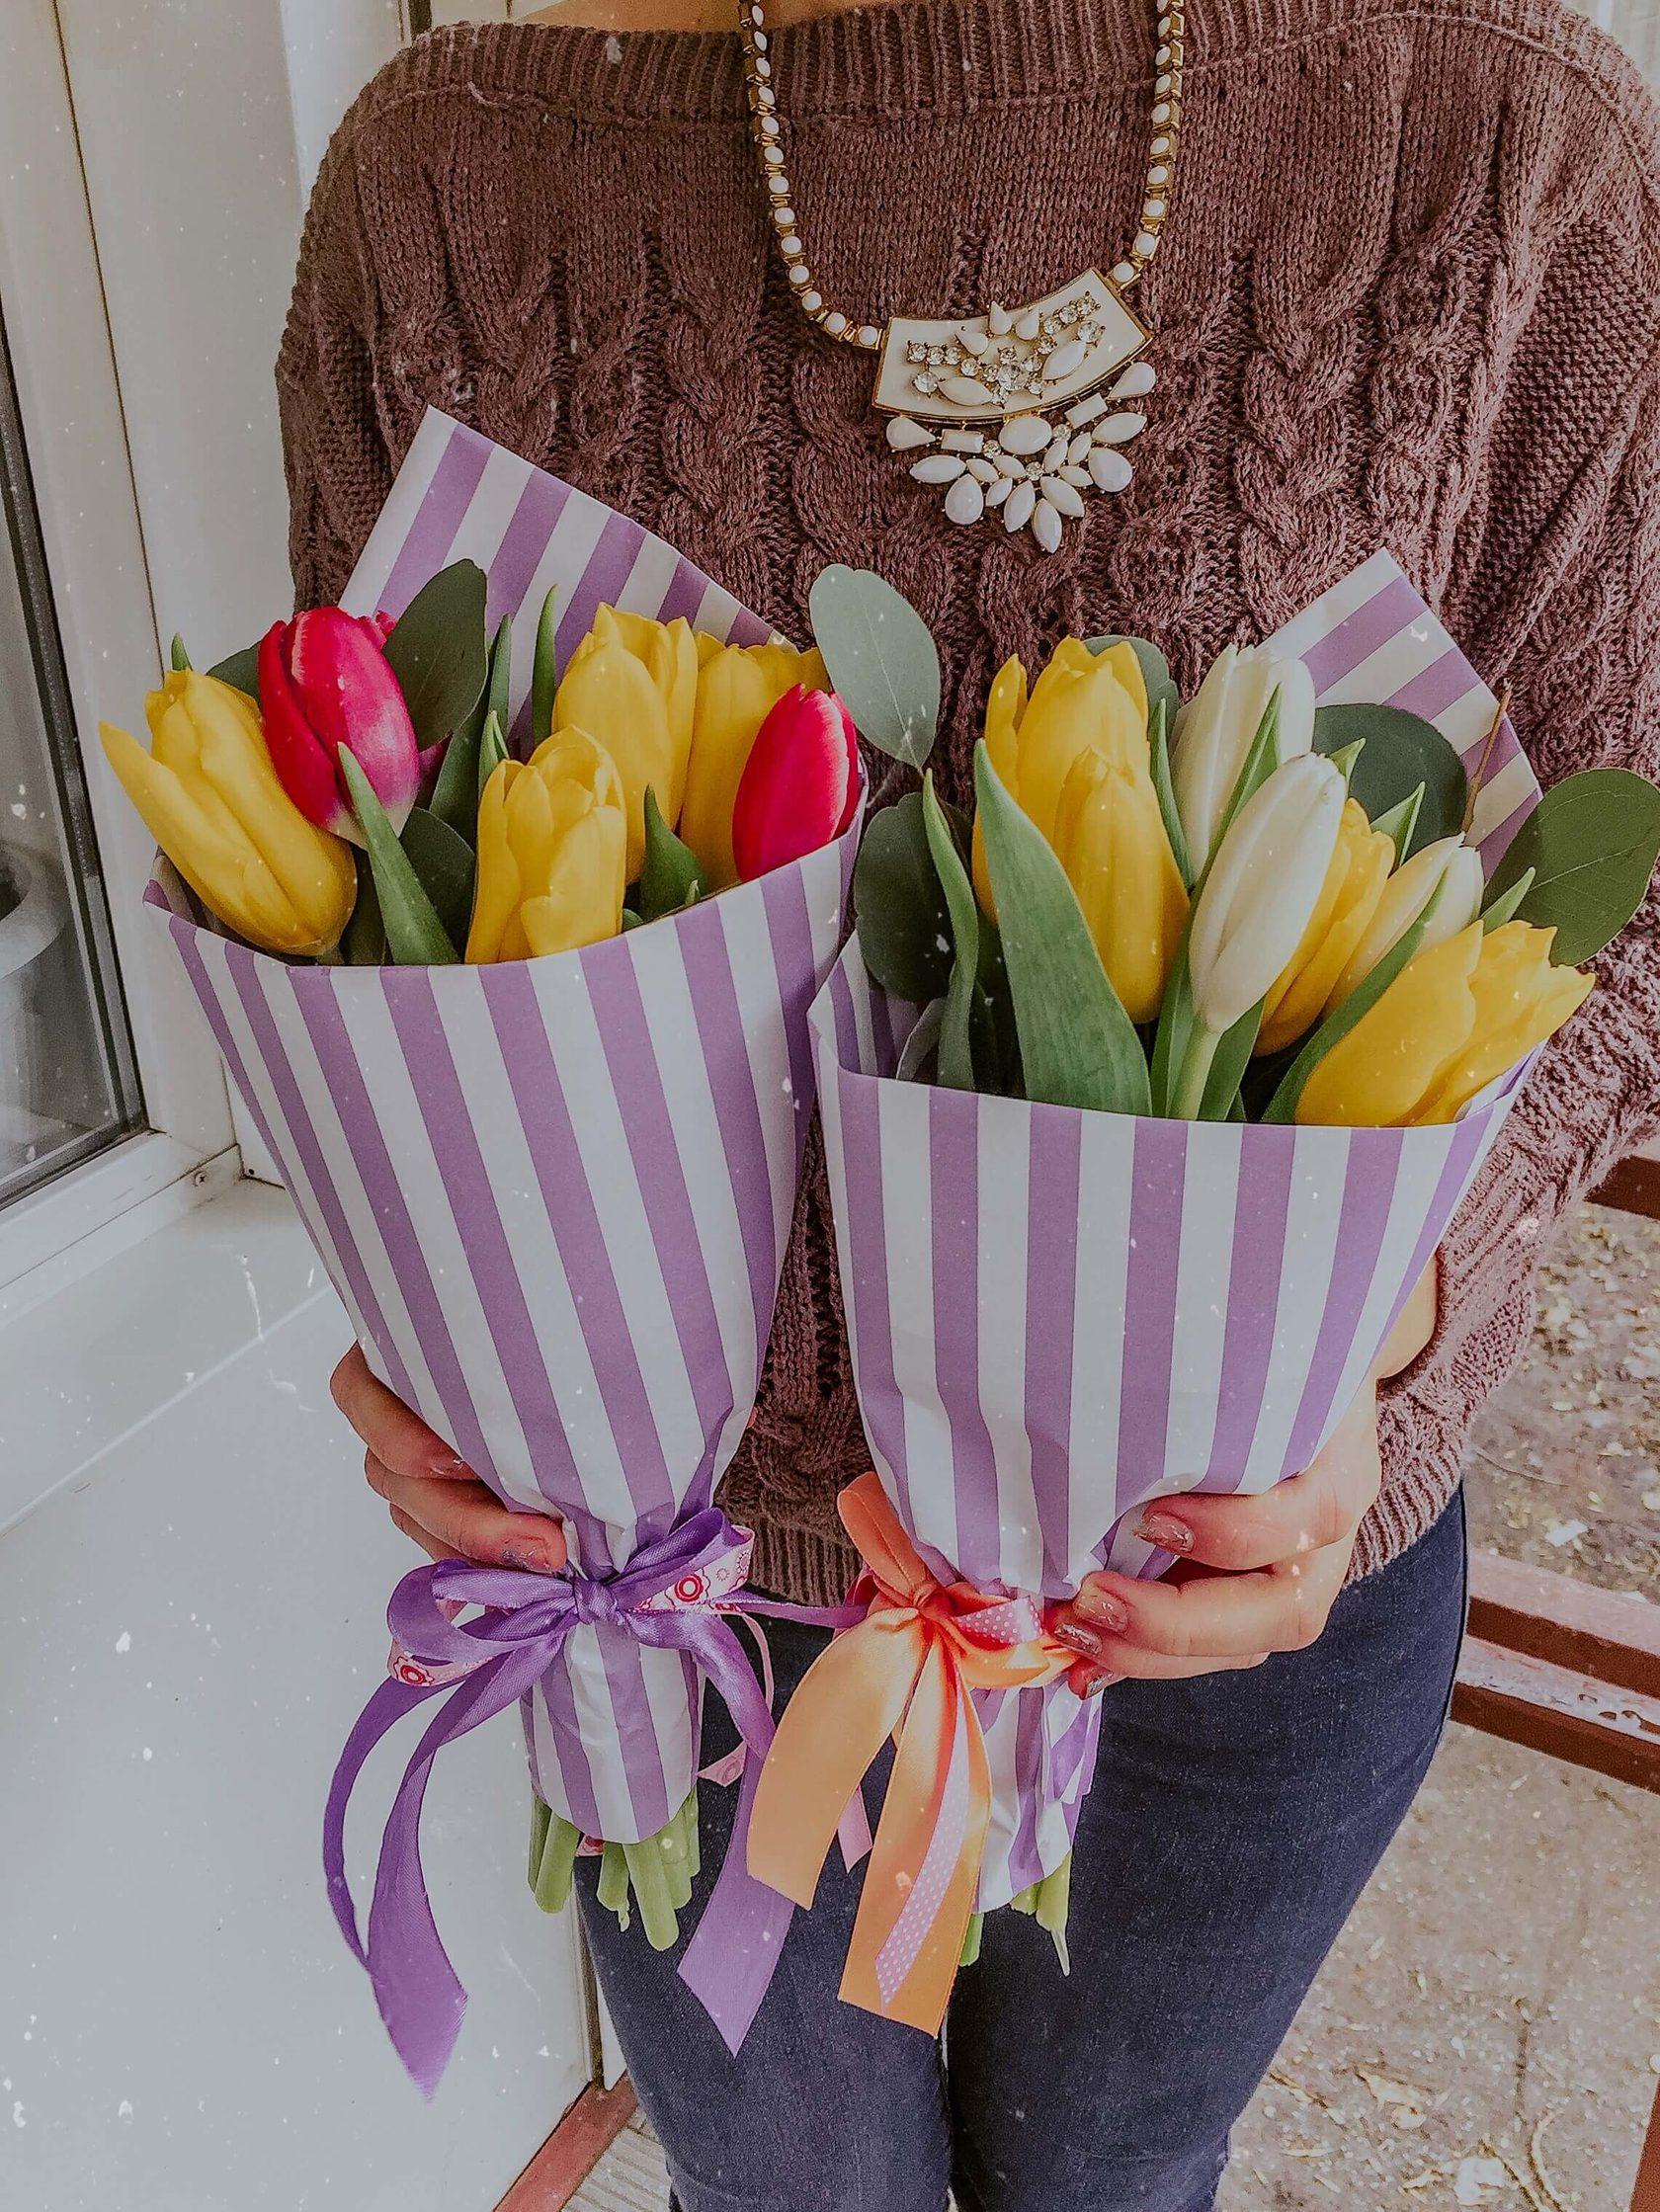 используют как красиво упаковать тюльпаны своими руками фото самом деле